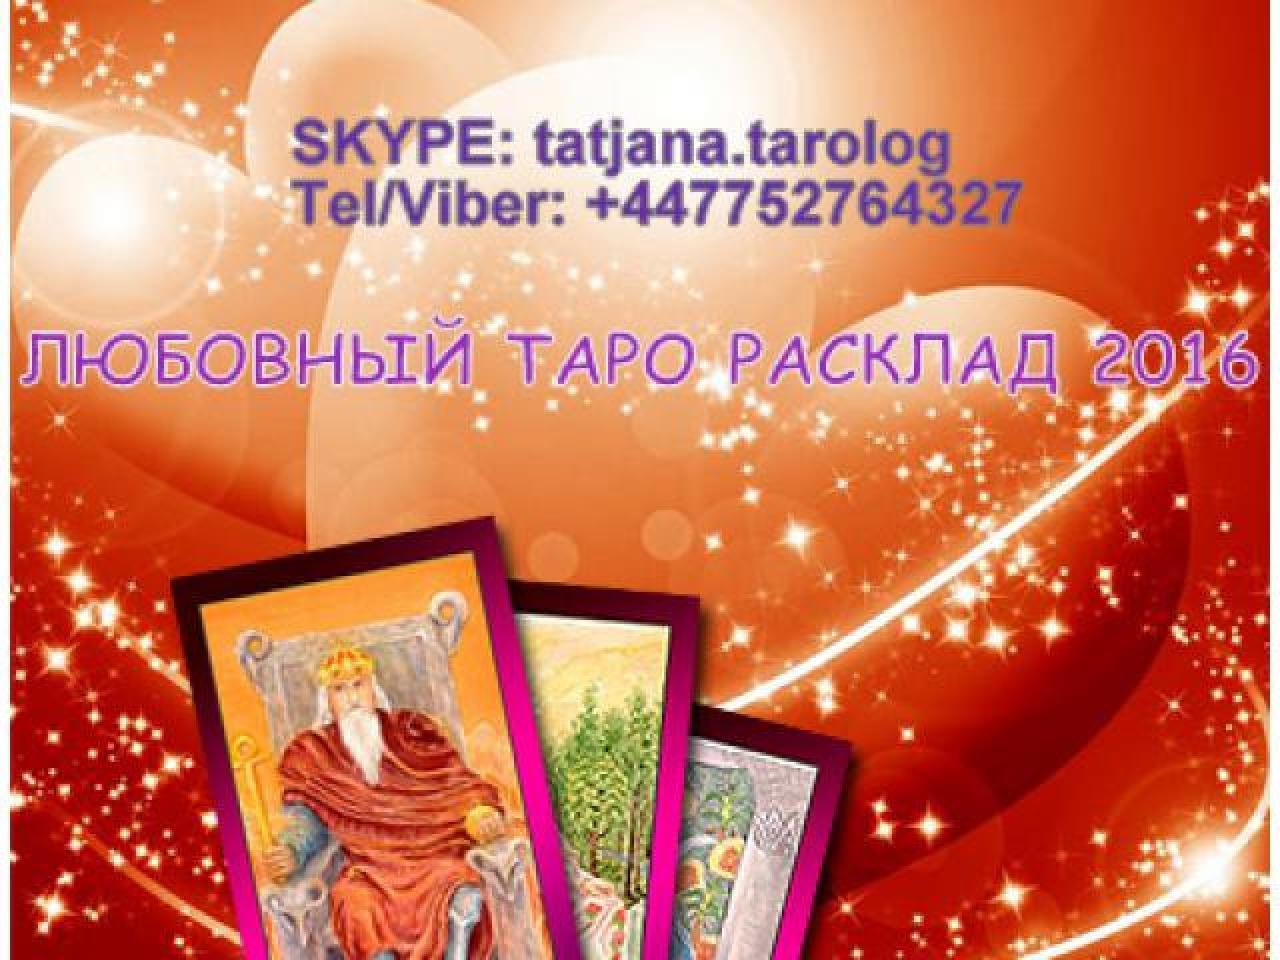 ЛЮБОВНЫЕ РАСКЛАДЫ НА ТАРО - 1